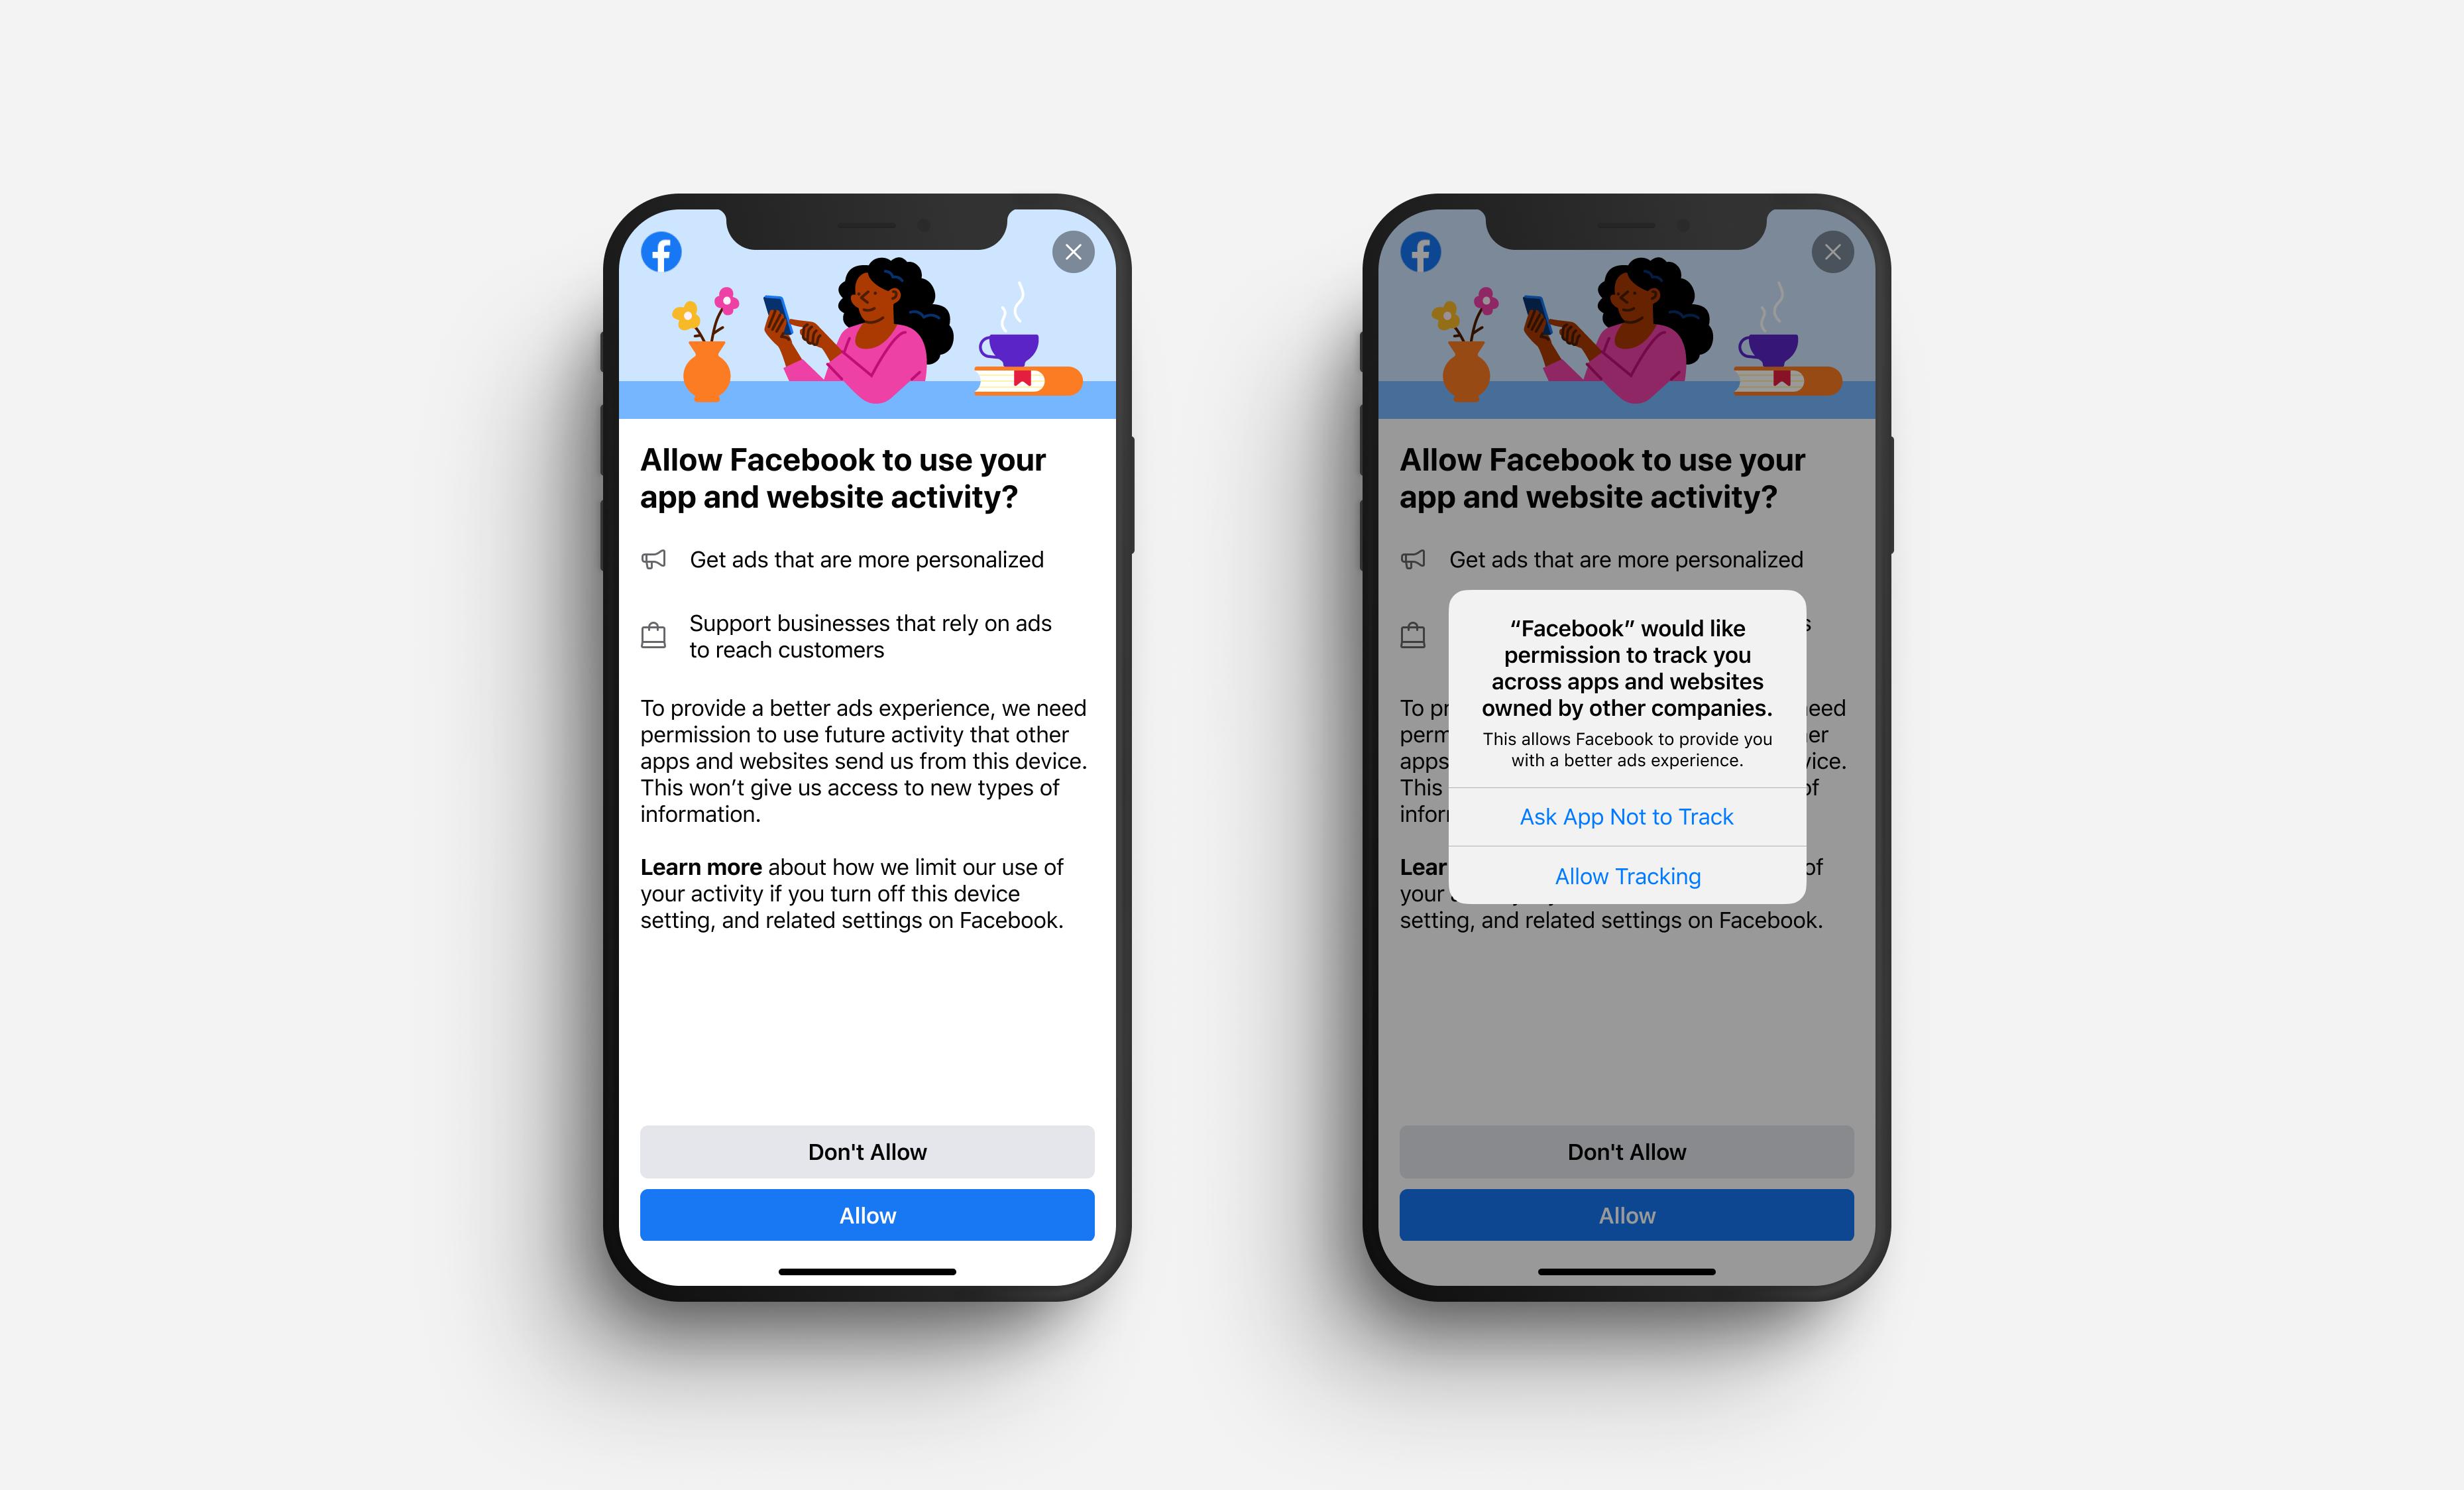 Facebook montrera aux utilisateurs d'iPhone une invite expliquant sa collecte de données avant une autre similaire d'Apple.